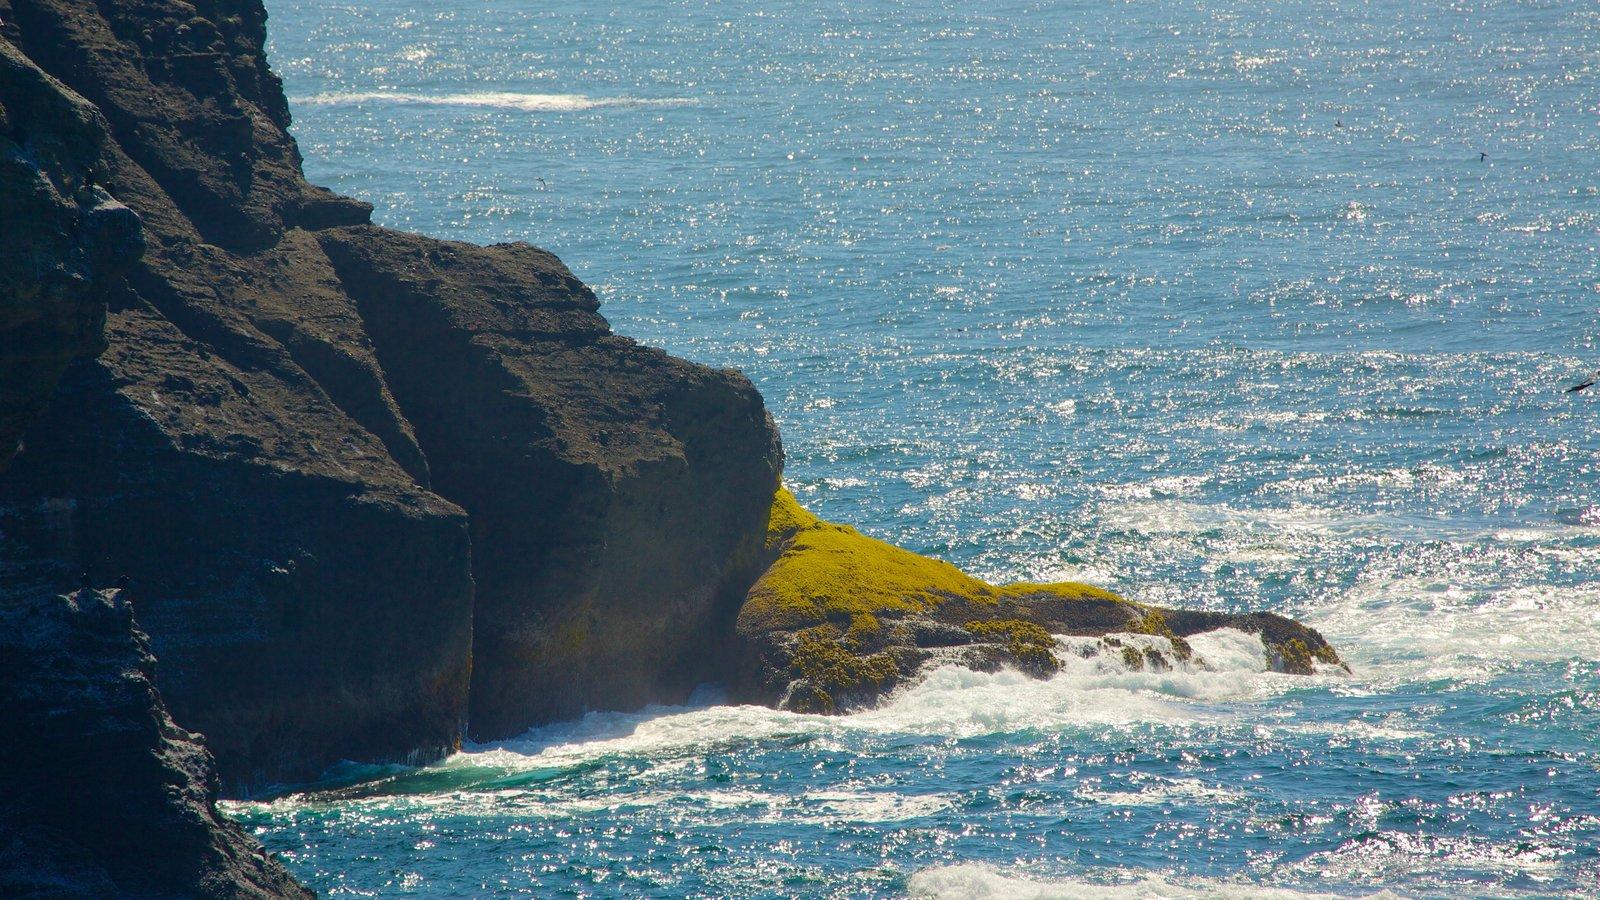 Cabo Flattery mostrando vistas generales de la costa y costa rocosa